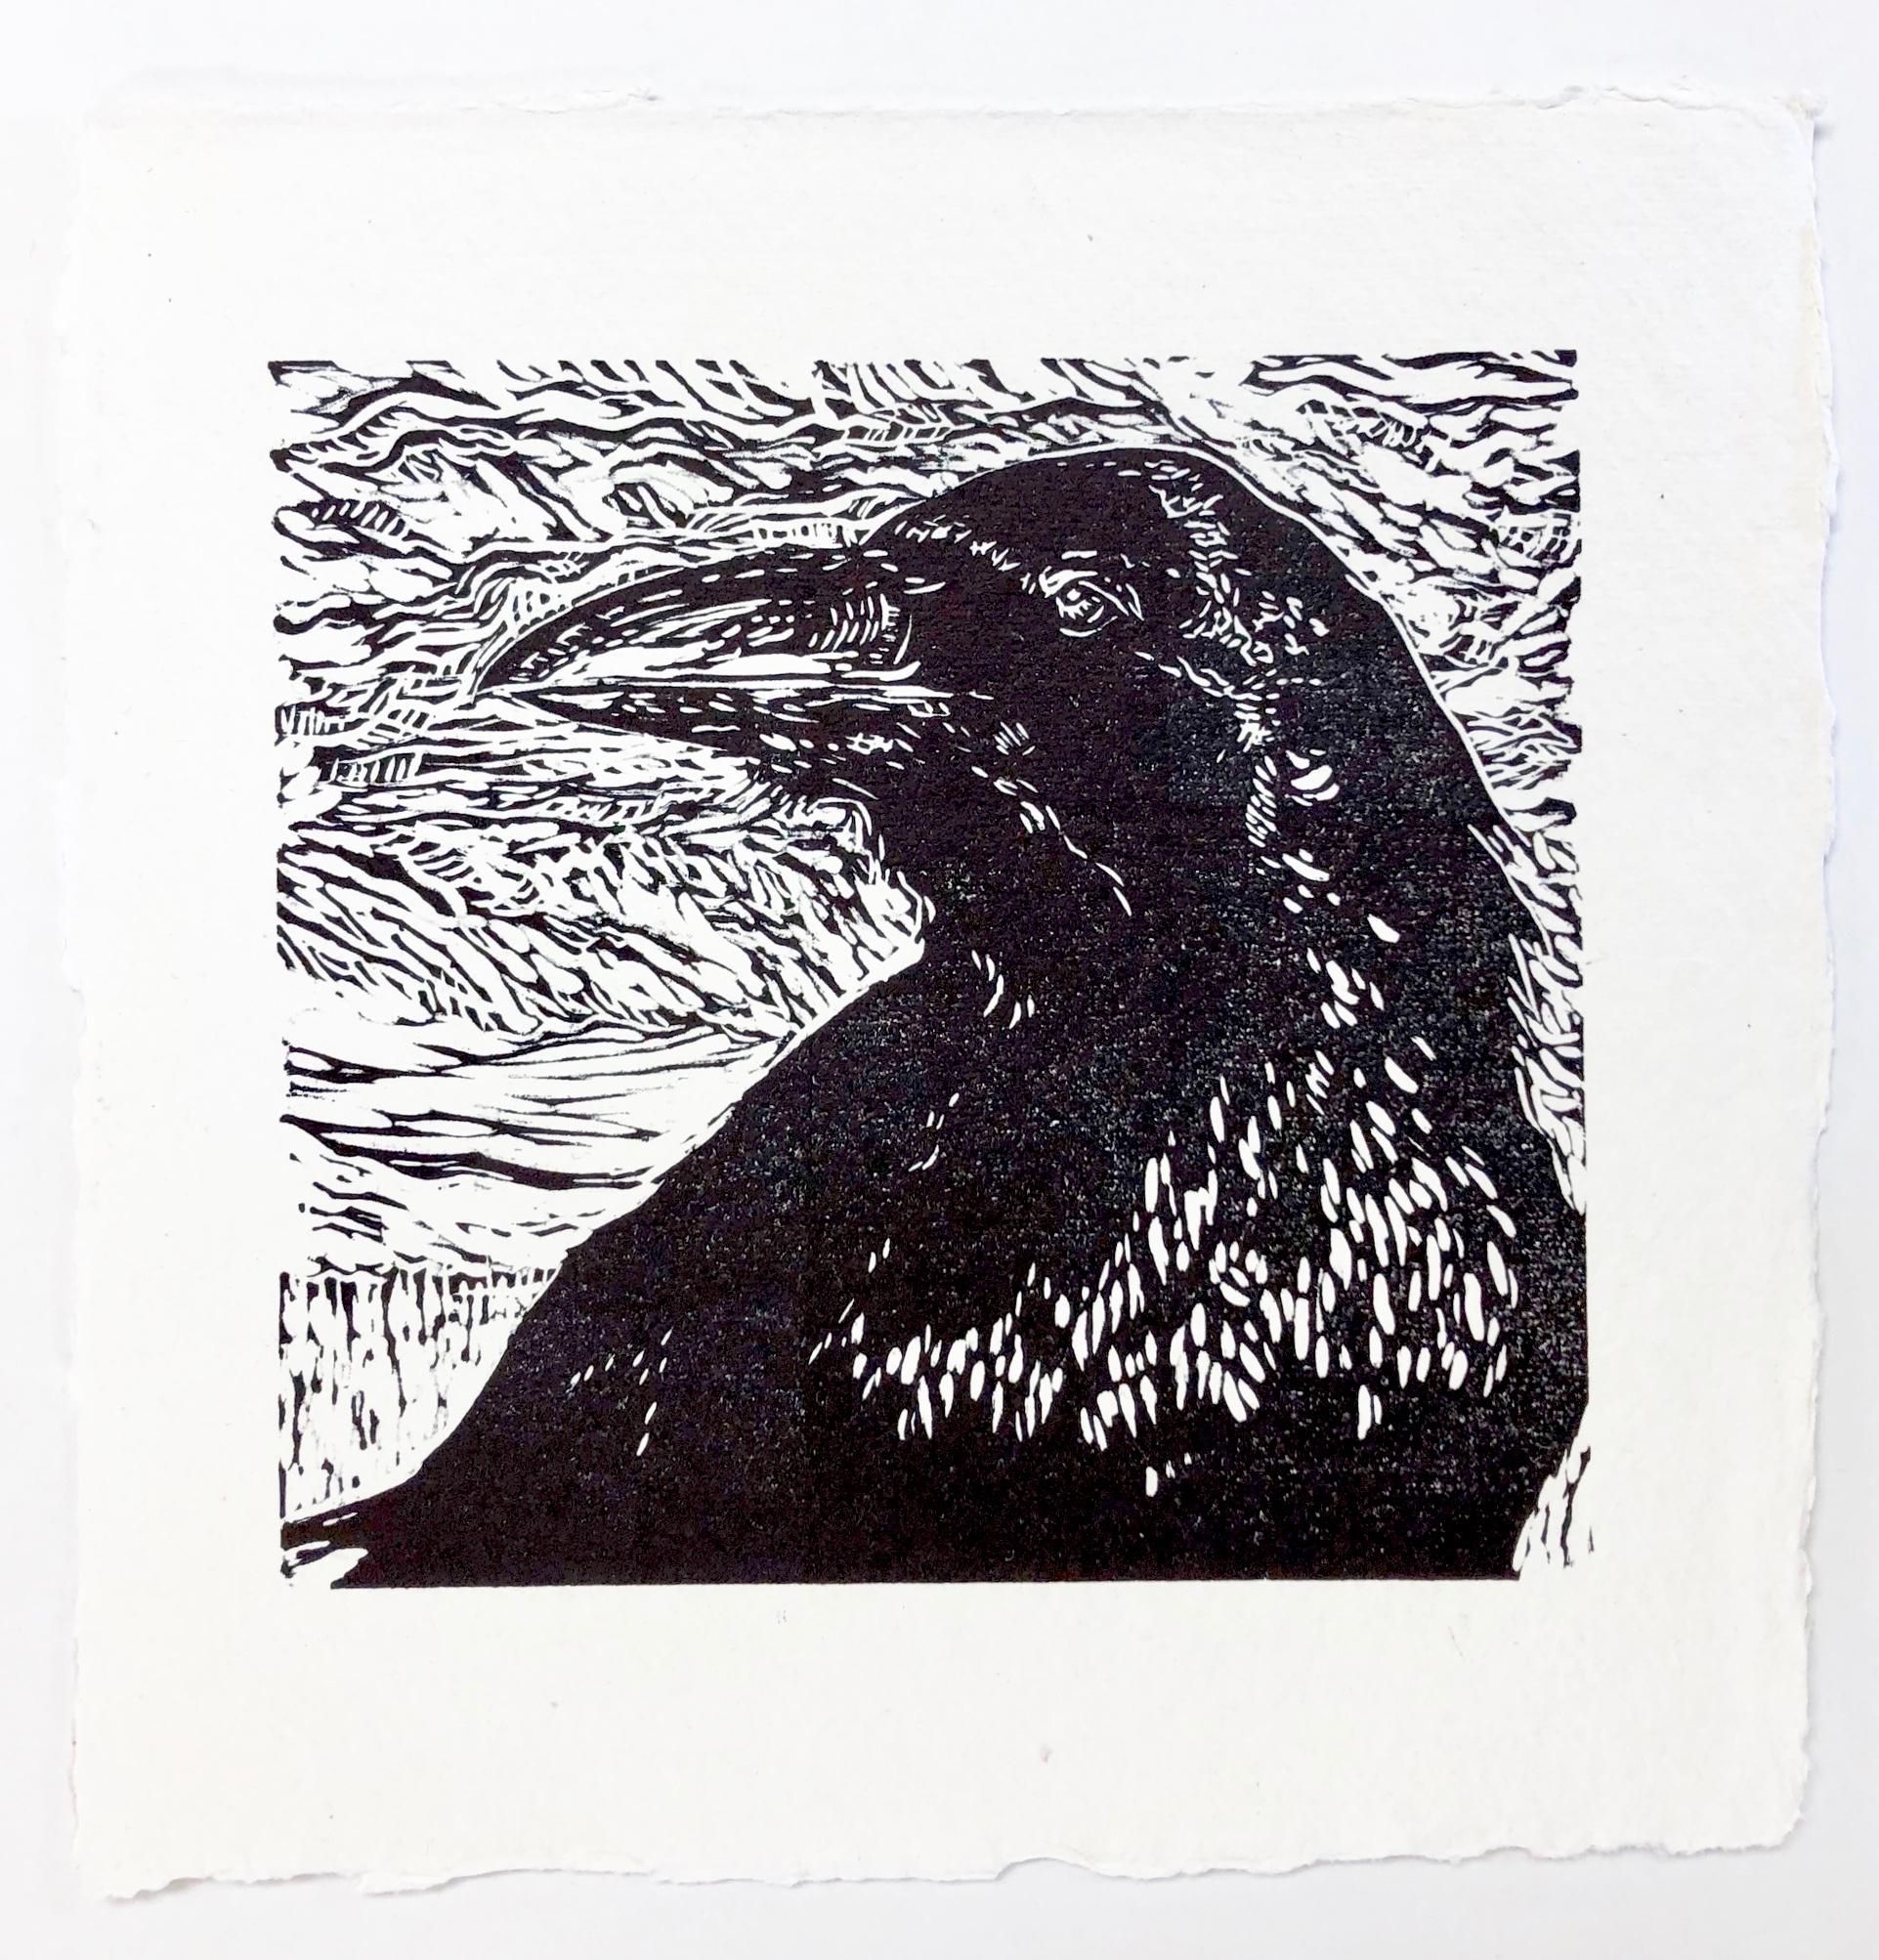 Portrait of Raven - Zion National Park - woodcut print